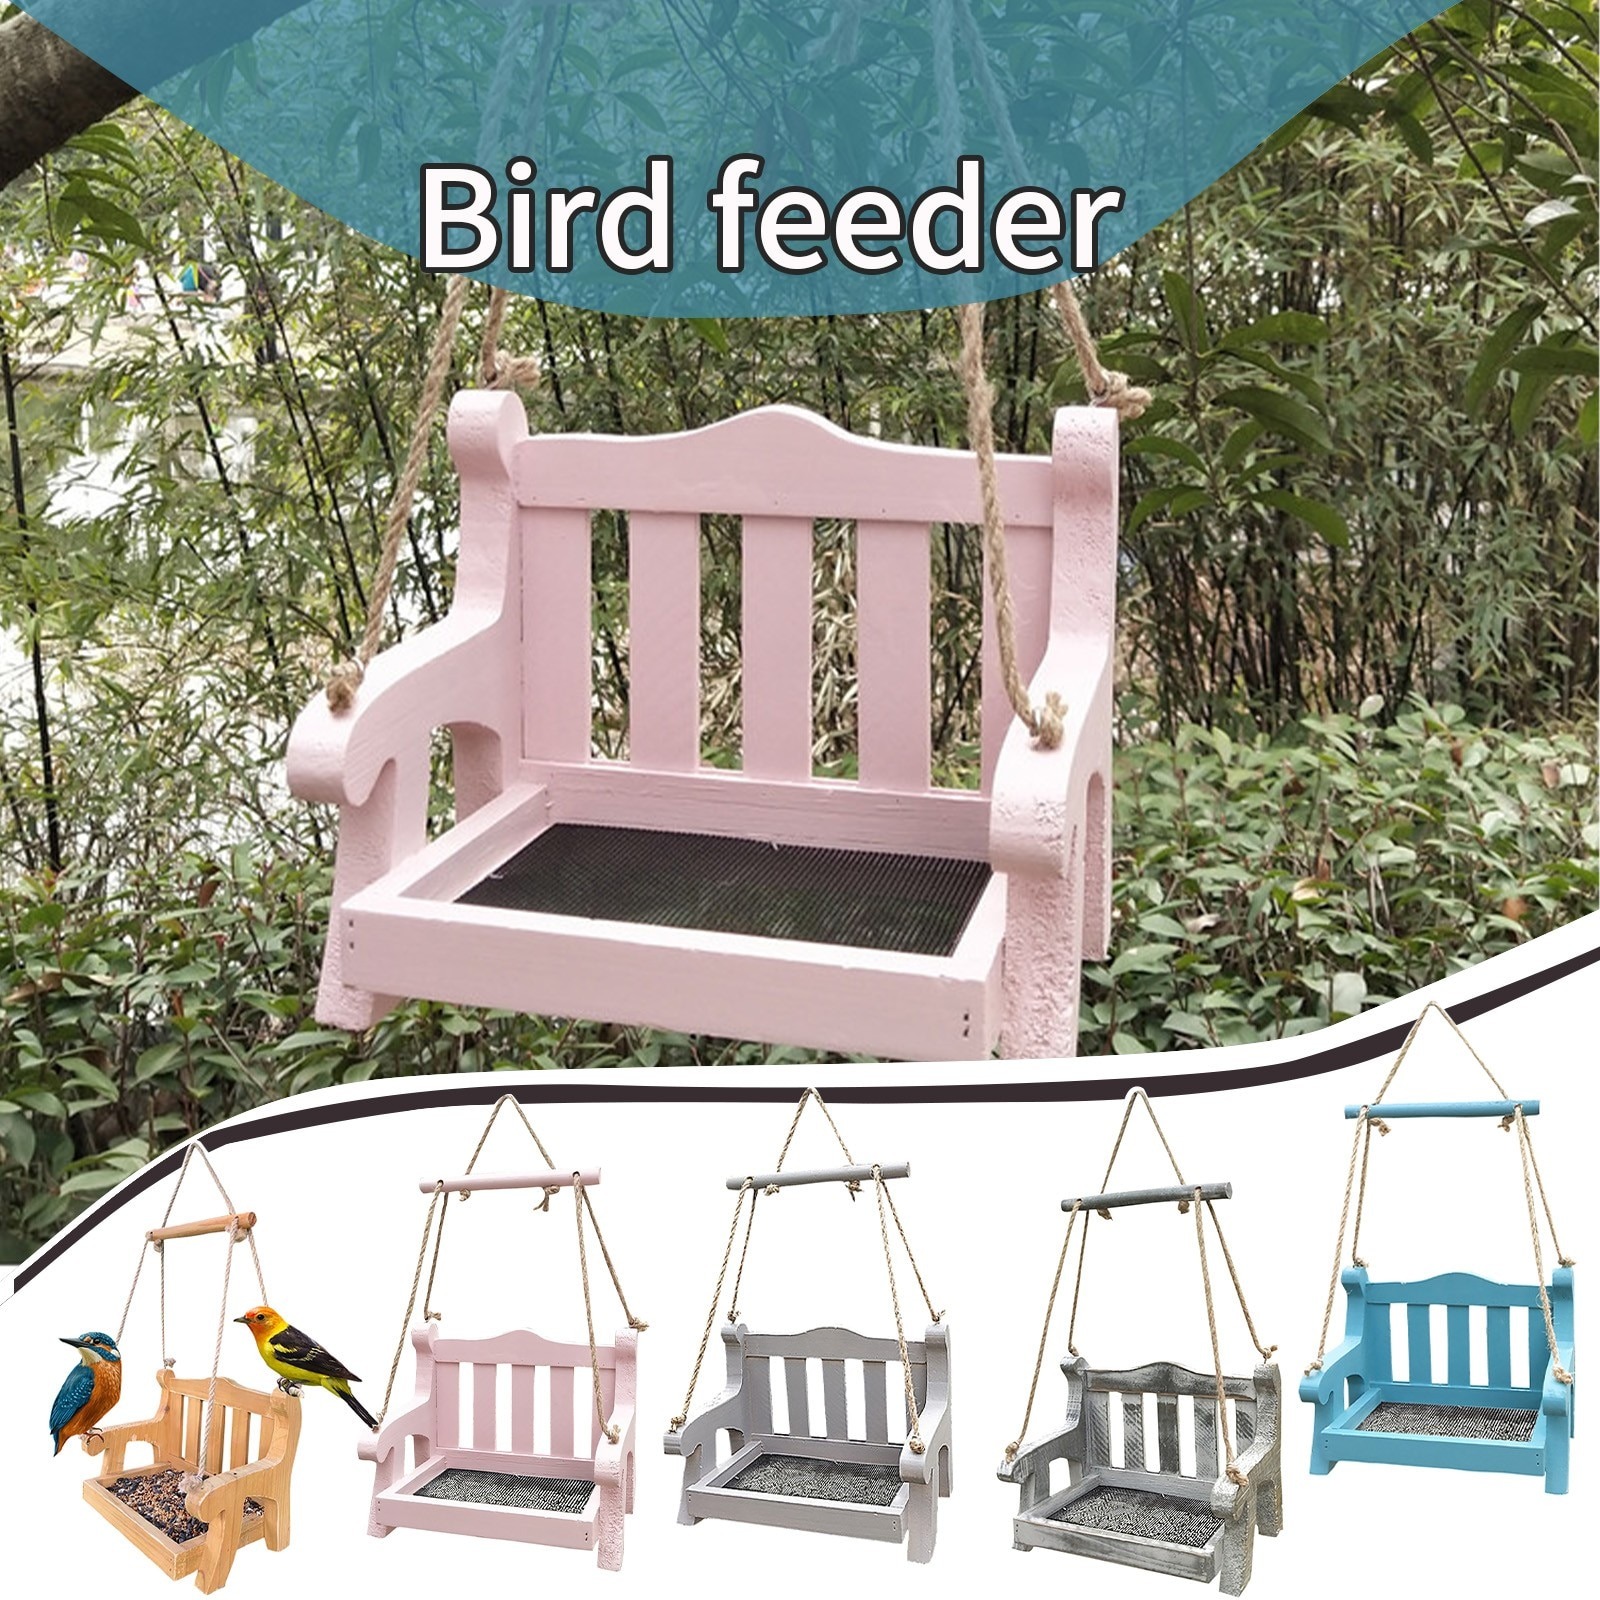 Comederos de madera para exteriores, alimentador colgante para mascotas, silla, alimentador, decoración...